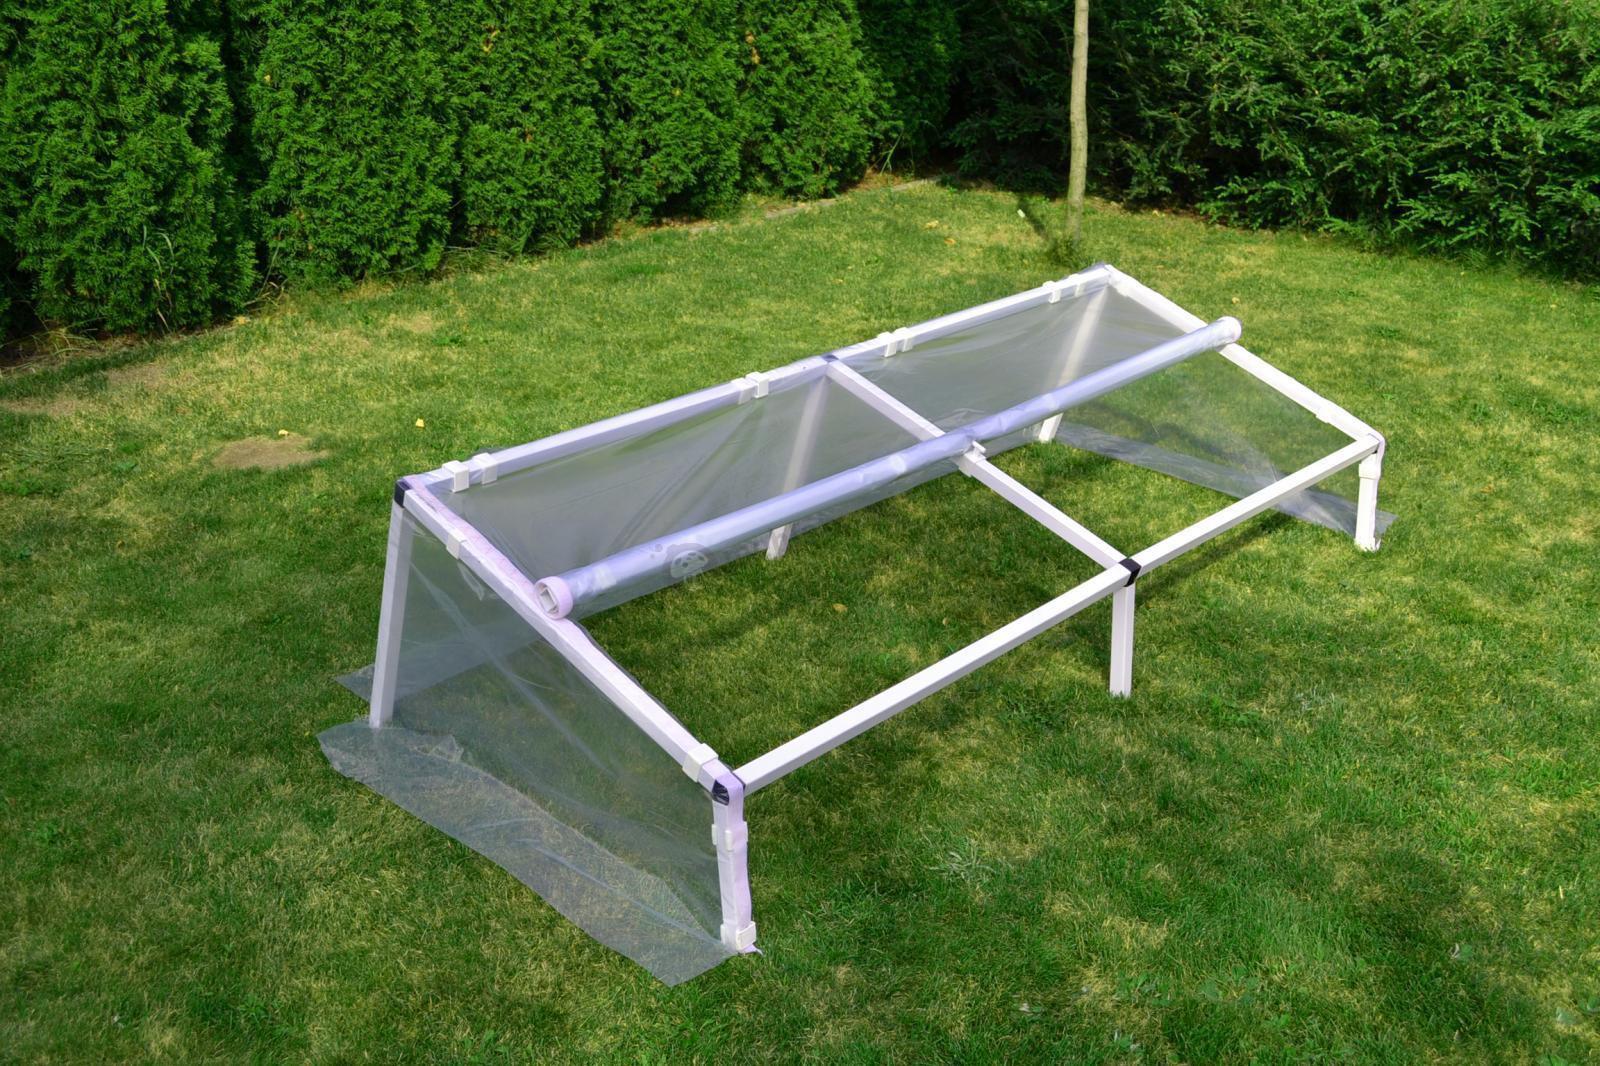 Rozsadnik – inspekt ogrodniczy 1x2 m - stabilna konstrukcja